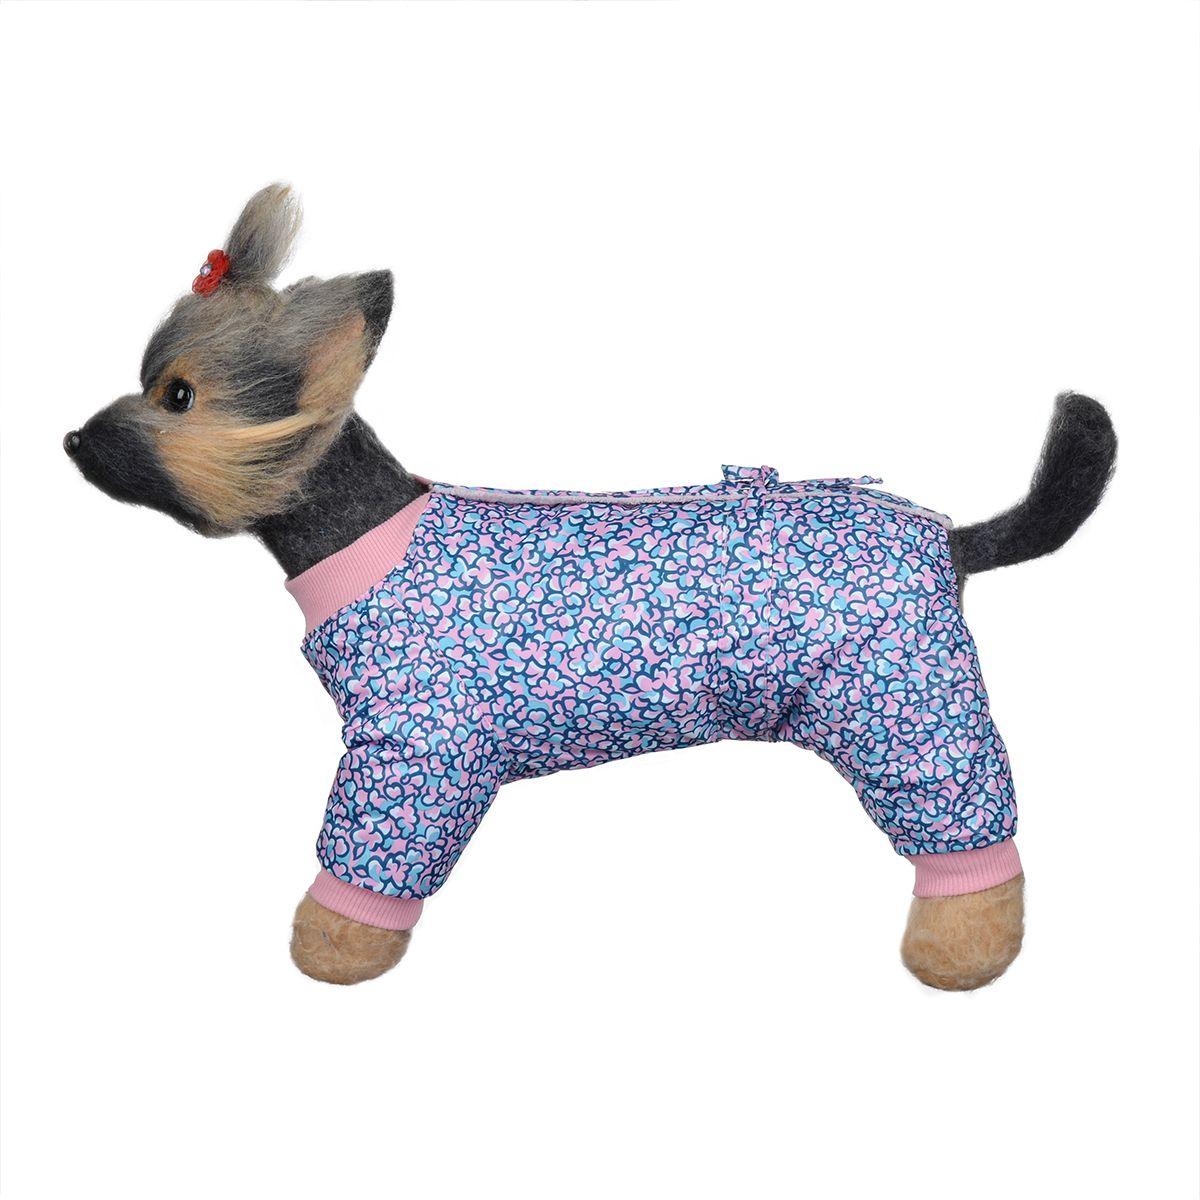 Комбинезон для собак Dogmoda Лаки, зимний, для девочки, цвет: розовый, синий. Размер 1 (S)DM-150334-1Комбинезон для собак Dogmoda Лаки, оформленный ярким цветочным рисунком, отлично подойдет для прогулок в зимнее время года. Комбинезон изготовлен из водоотталкивающего полиэстера, защищающего от ветра и снега, с утеплителем из синтепона, который сохранит тепло даже в сильные морозы, а в качестве подкладки используется искусственный мех, который обеспечивает отличный воздухообмен. Комбинезон застегивается на кнопки на спинке, благодаря чему его легко надевать и снимать. Ворот, низ рукавов и брючин оснащены широкими трикотажными манжетами, которые мягко обхватывают шею и лапки, не позволяя просачиваться холодному воздуху. На пояснице комбинезон затягивается на шнурок-кулиску. Изделие имеет максимально закрытый животик. Благодаря такому комбинезону простуда не грозит вашему питомцу, и он сможет испытать не сравнимое удовольствие от снежных игр и забав.